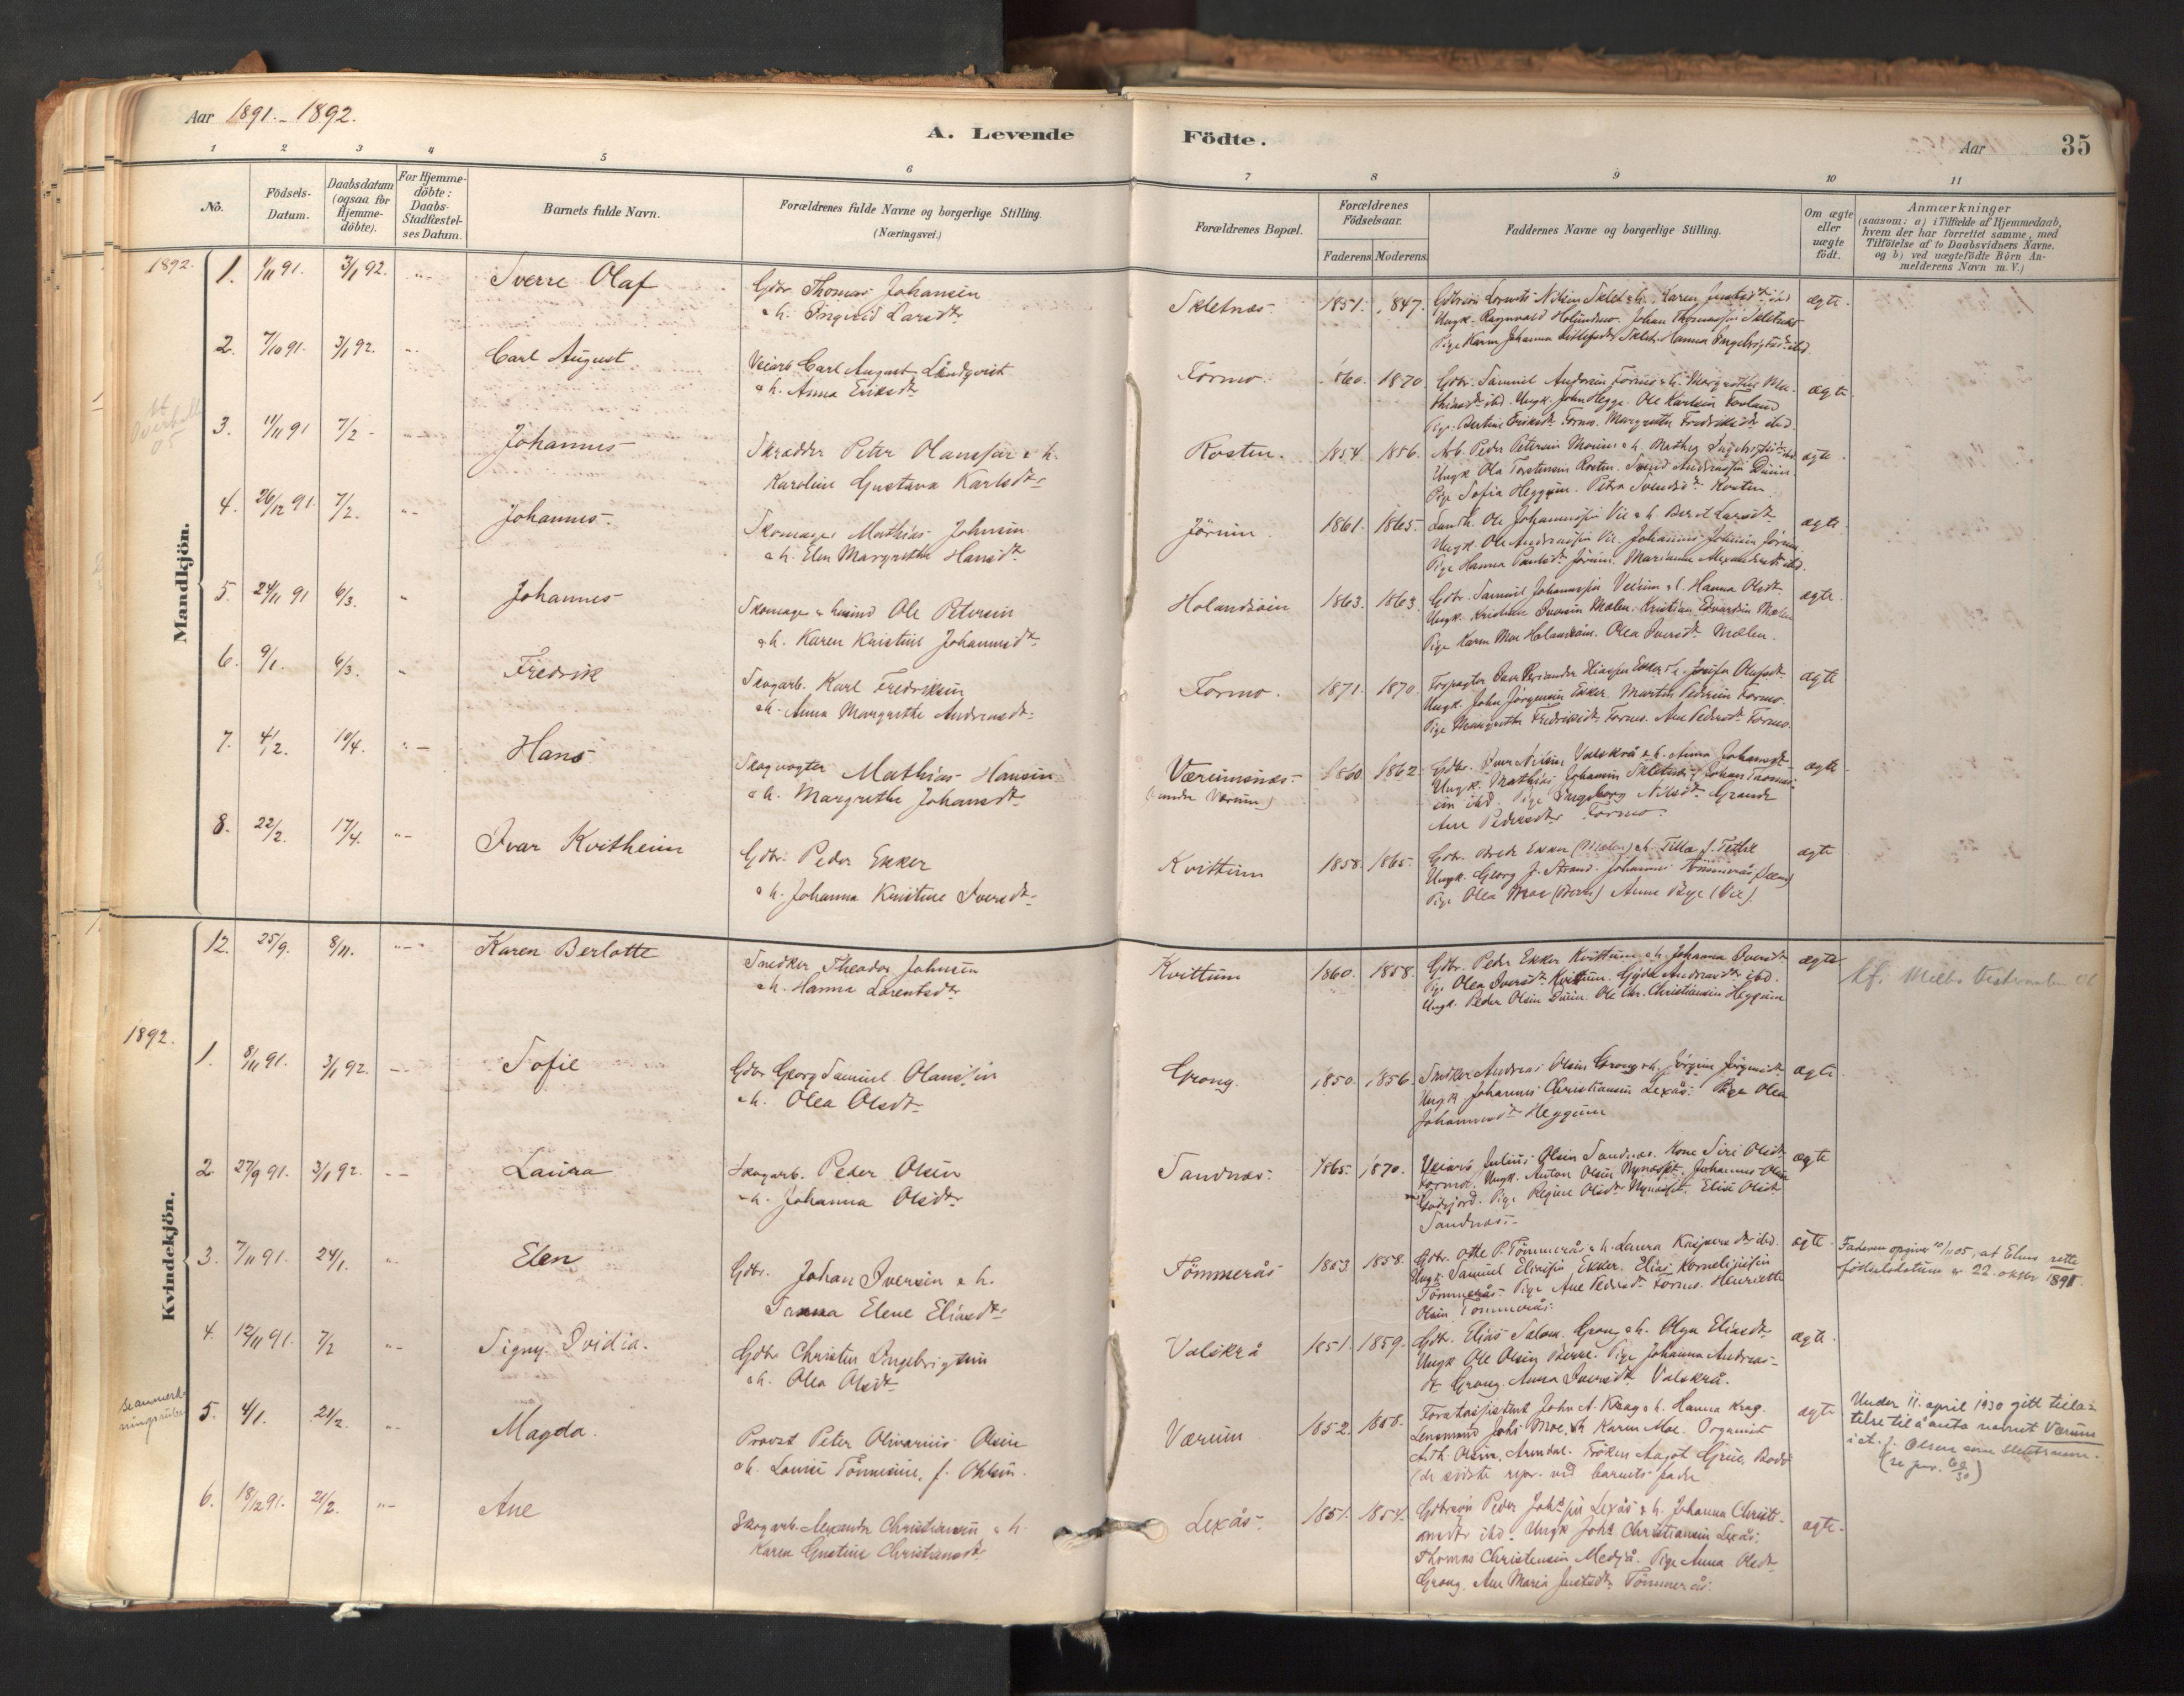 SAT, Ministerialprotokoller, klokkerbøker og fødselsregistre - Nord-Trøndelag, 758/L0519: Ministerialbok nr. 758A04, 1880-1926, s. 35